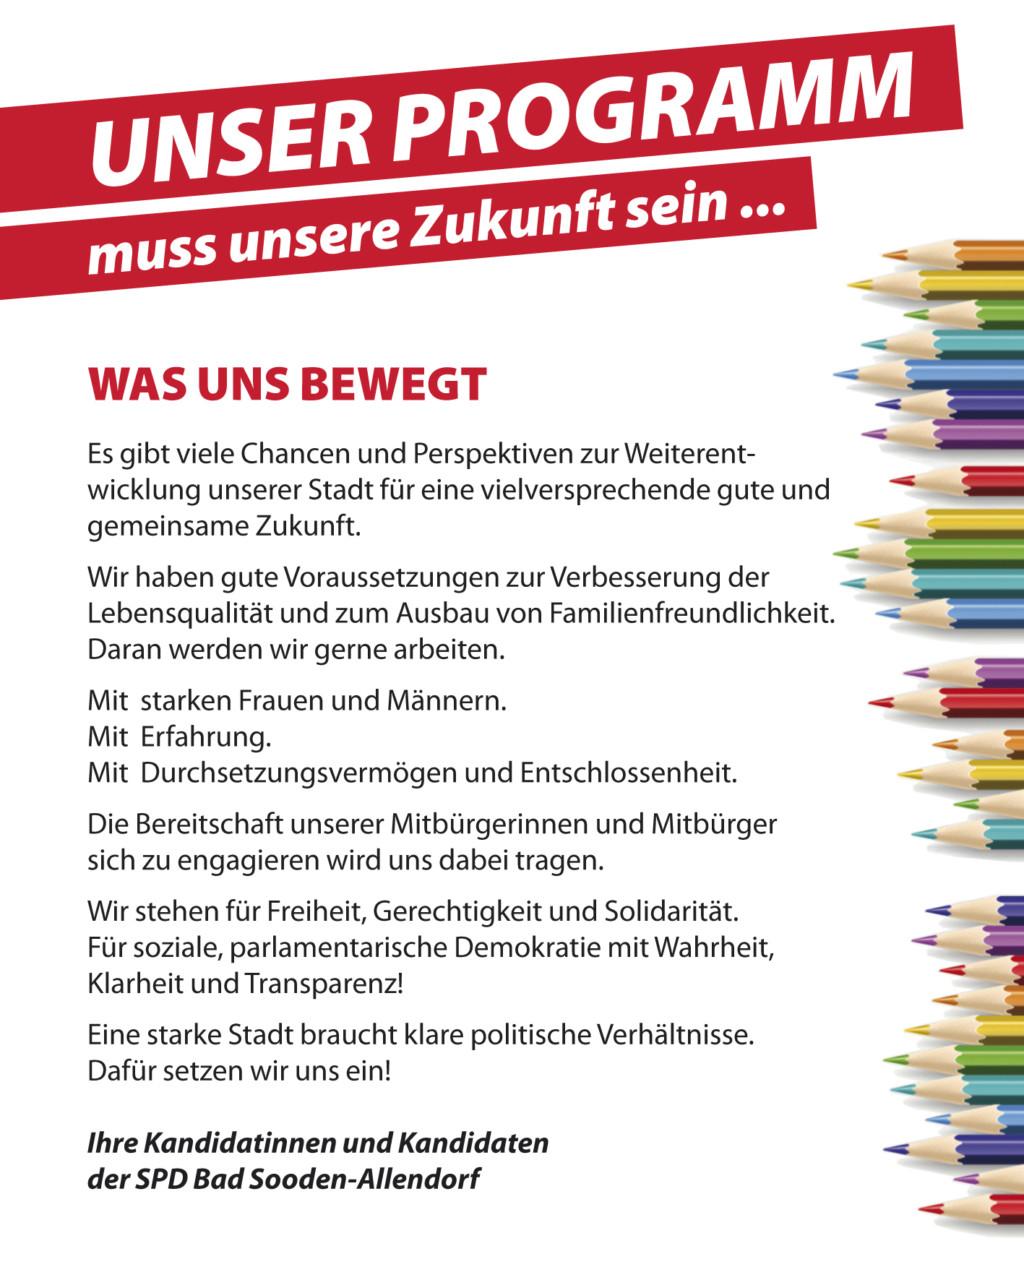 SPD BSA Wahlprogramm 2